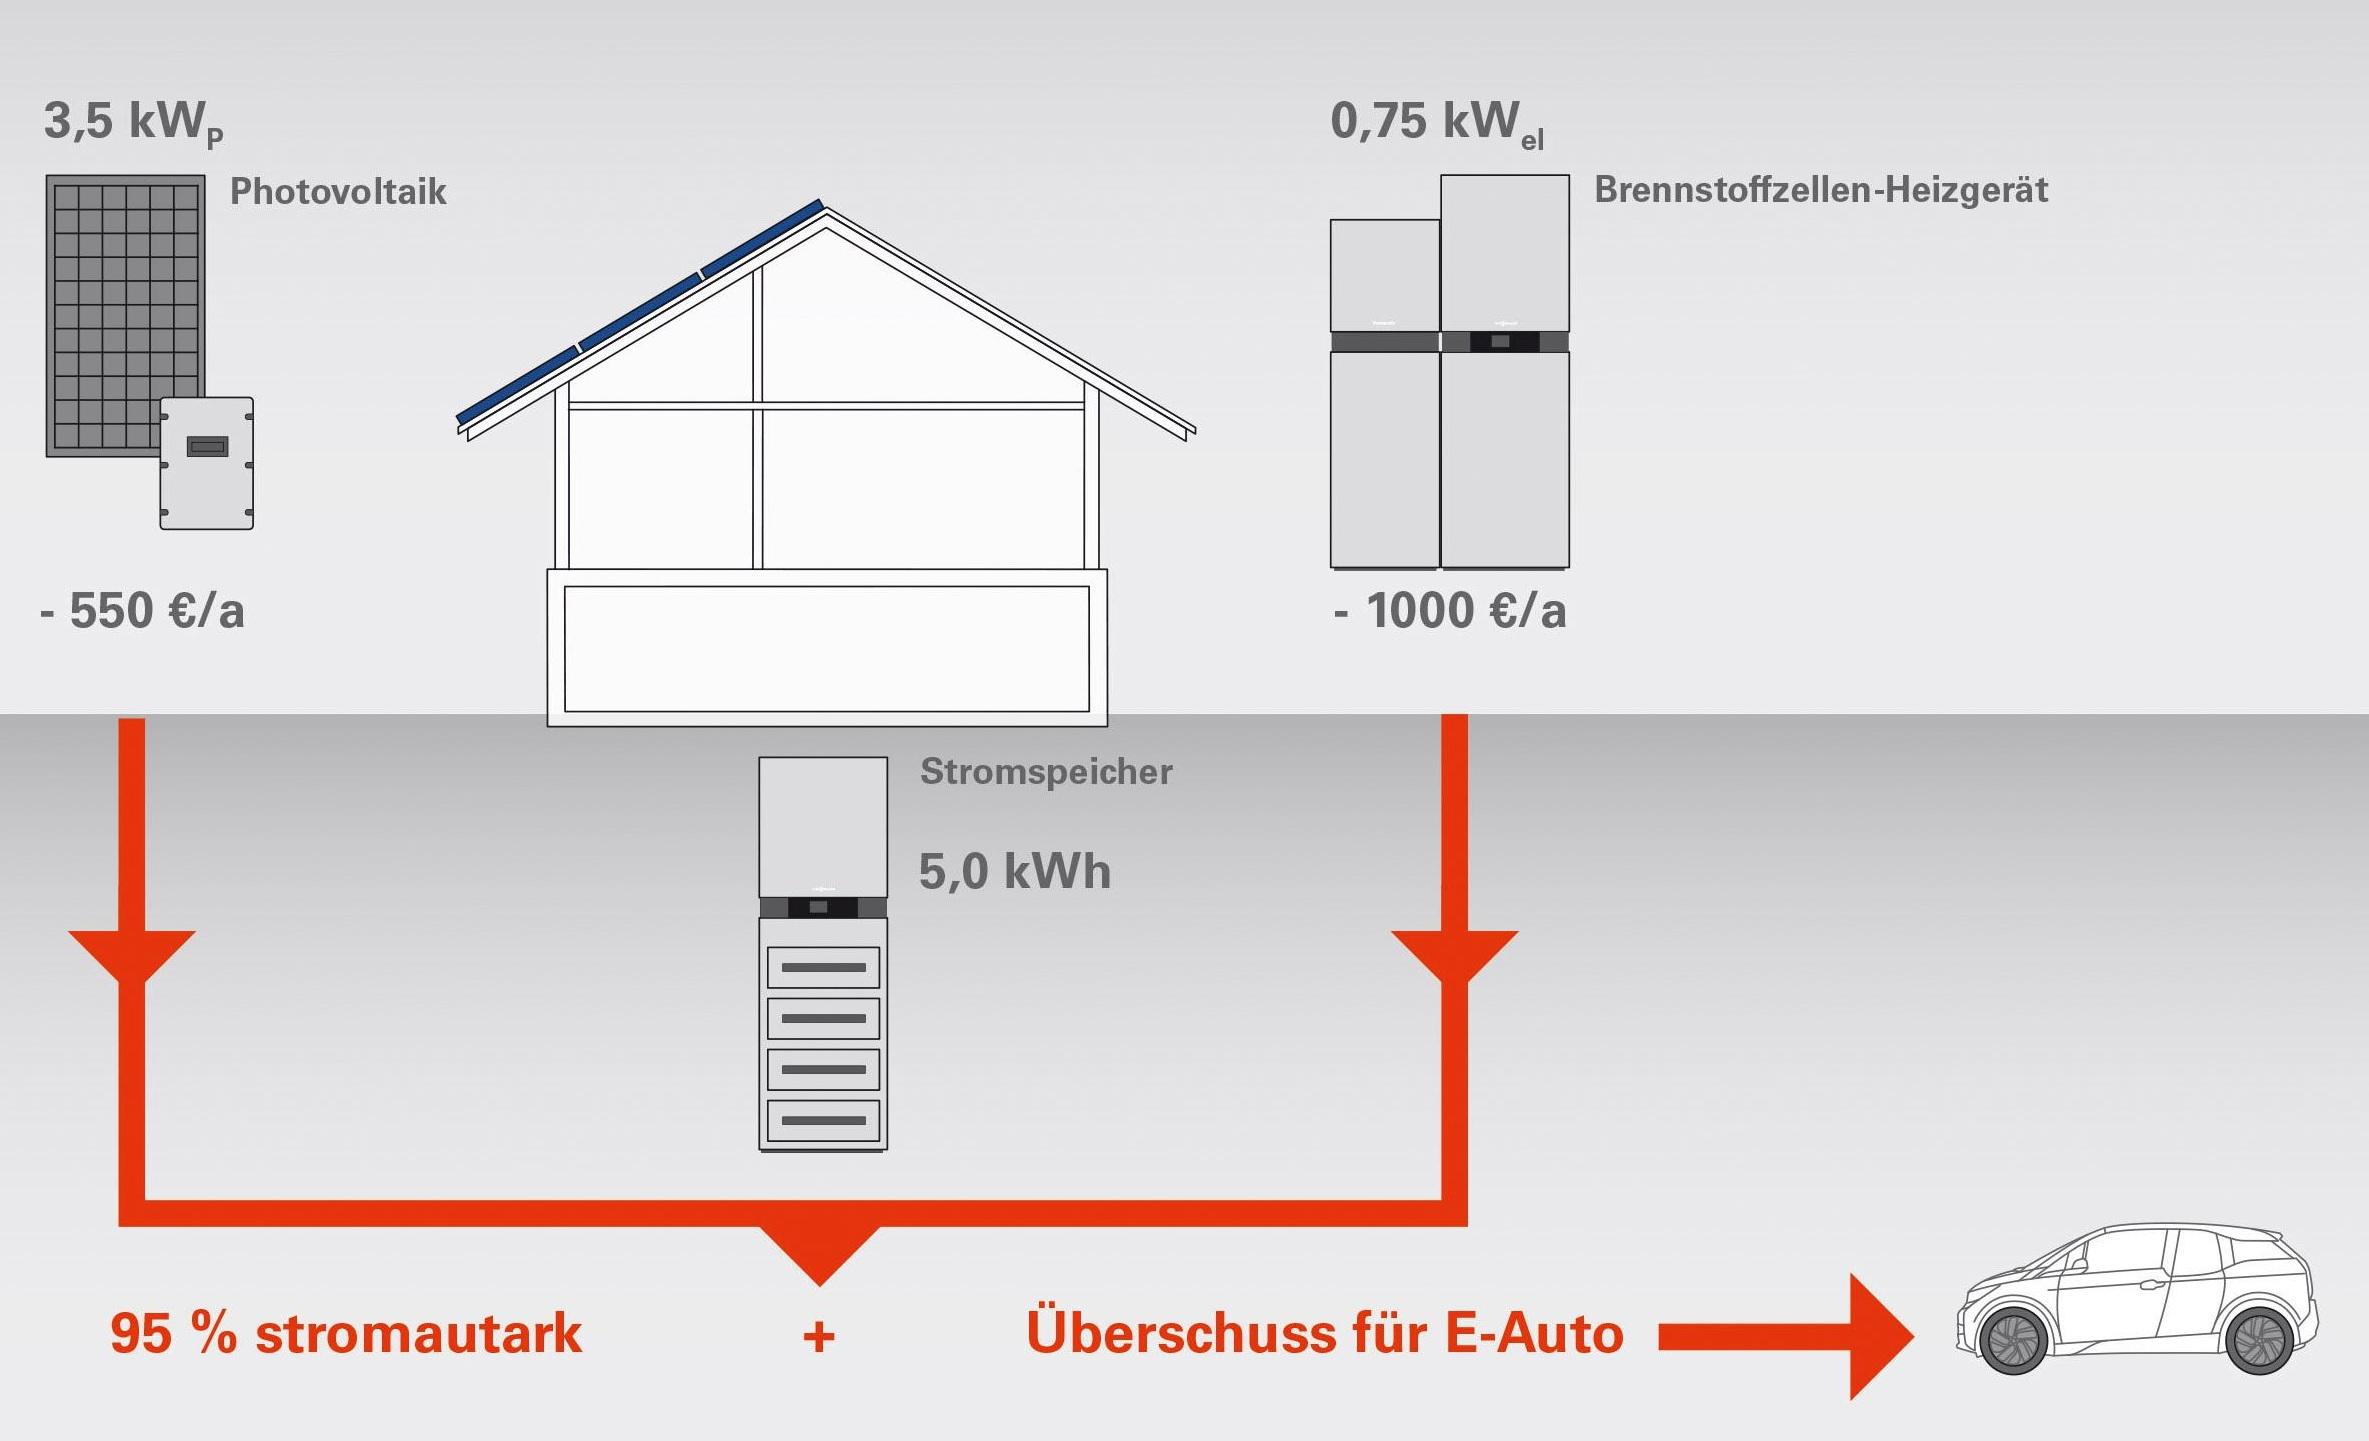 Энергонезависимый дом от Viessmann